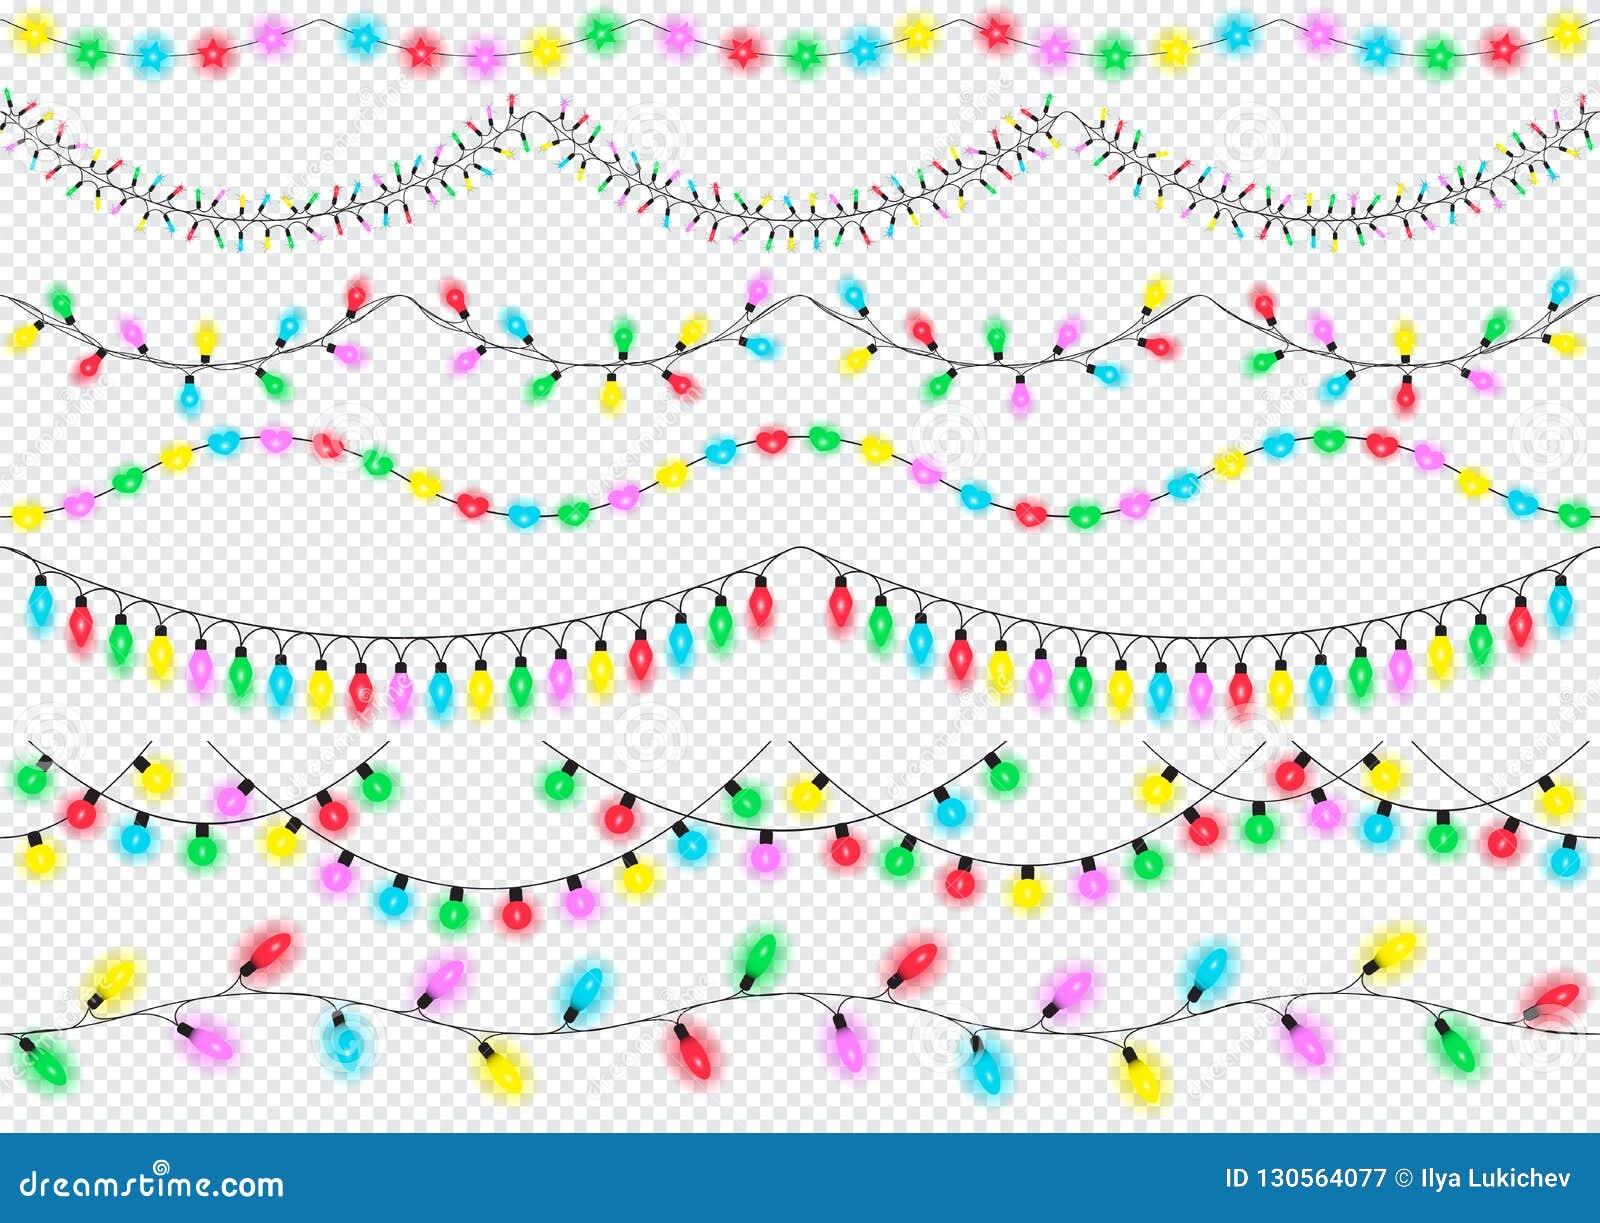 Lichterkette, Gestaltungselemente, lokalisiert Glühende Lichter für Weihnachten, Geburtstag, neues Jahr, Grußkartenentwurf, Fahne